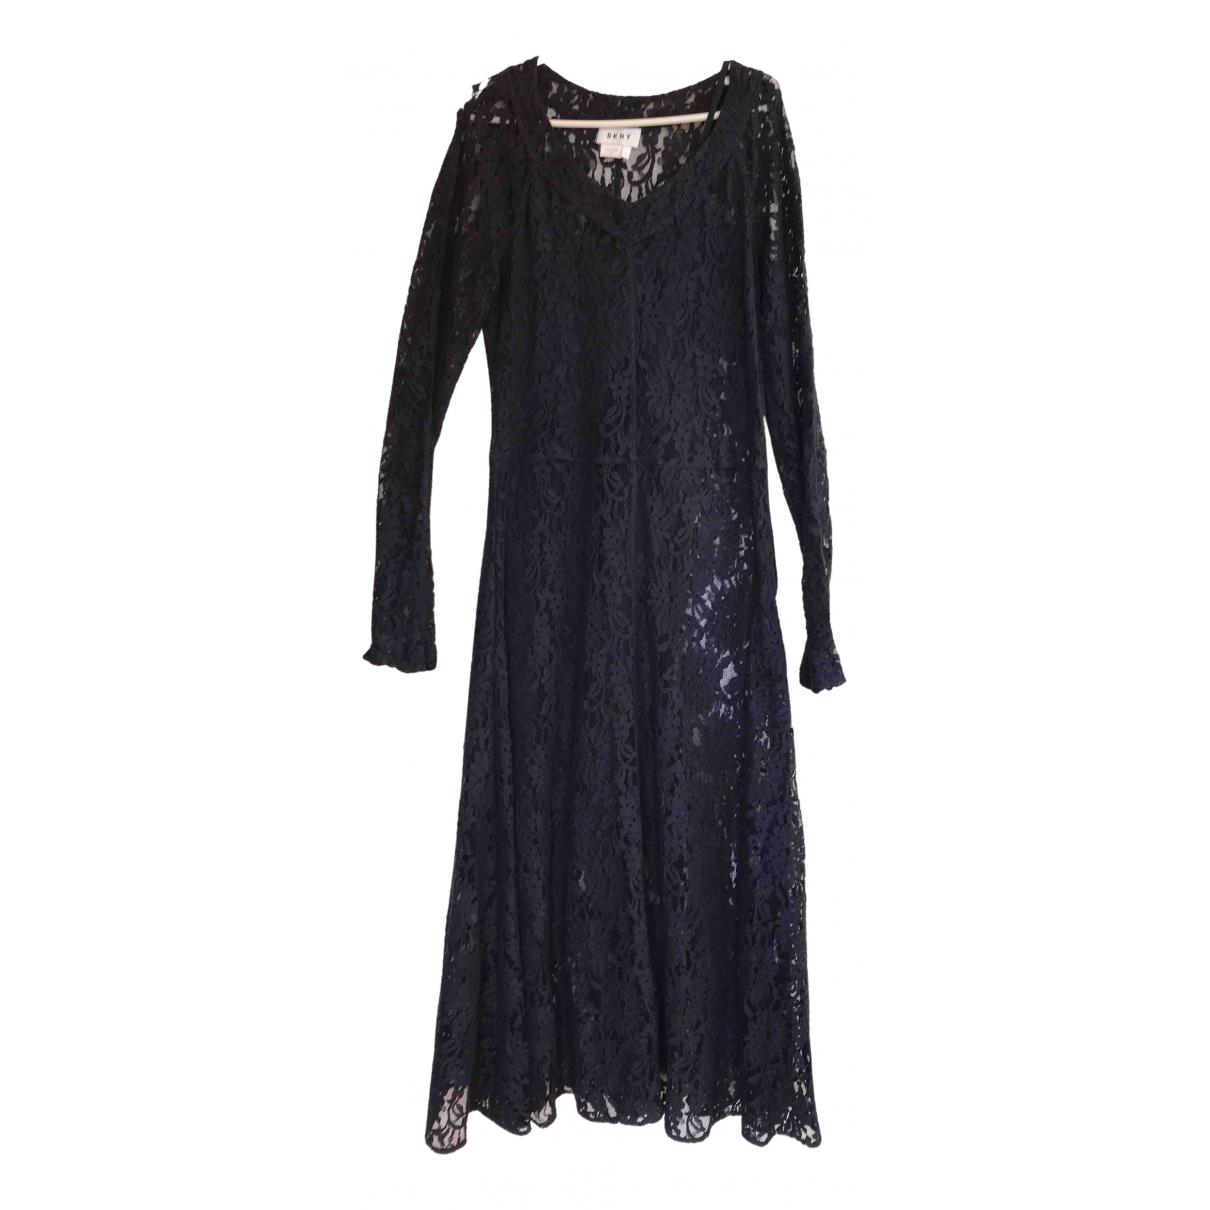 Dkny \N Kleid in  Blau Spitze